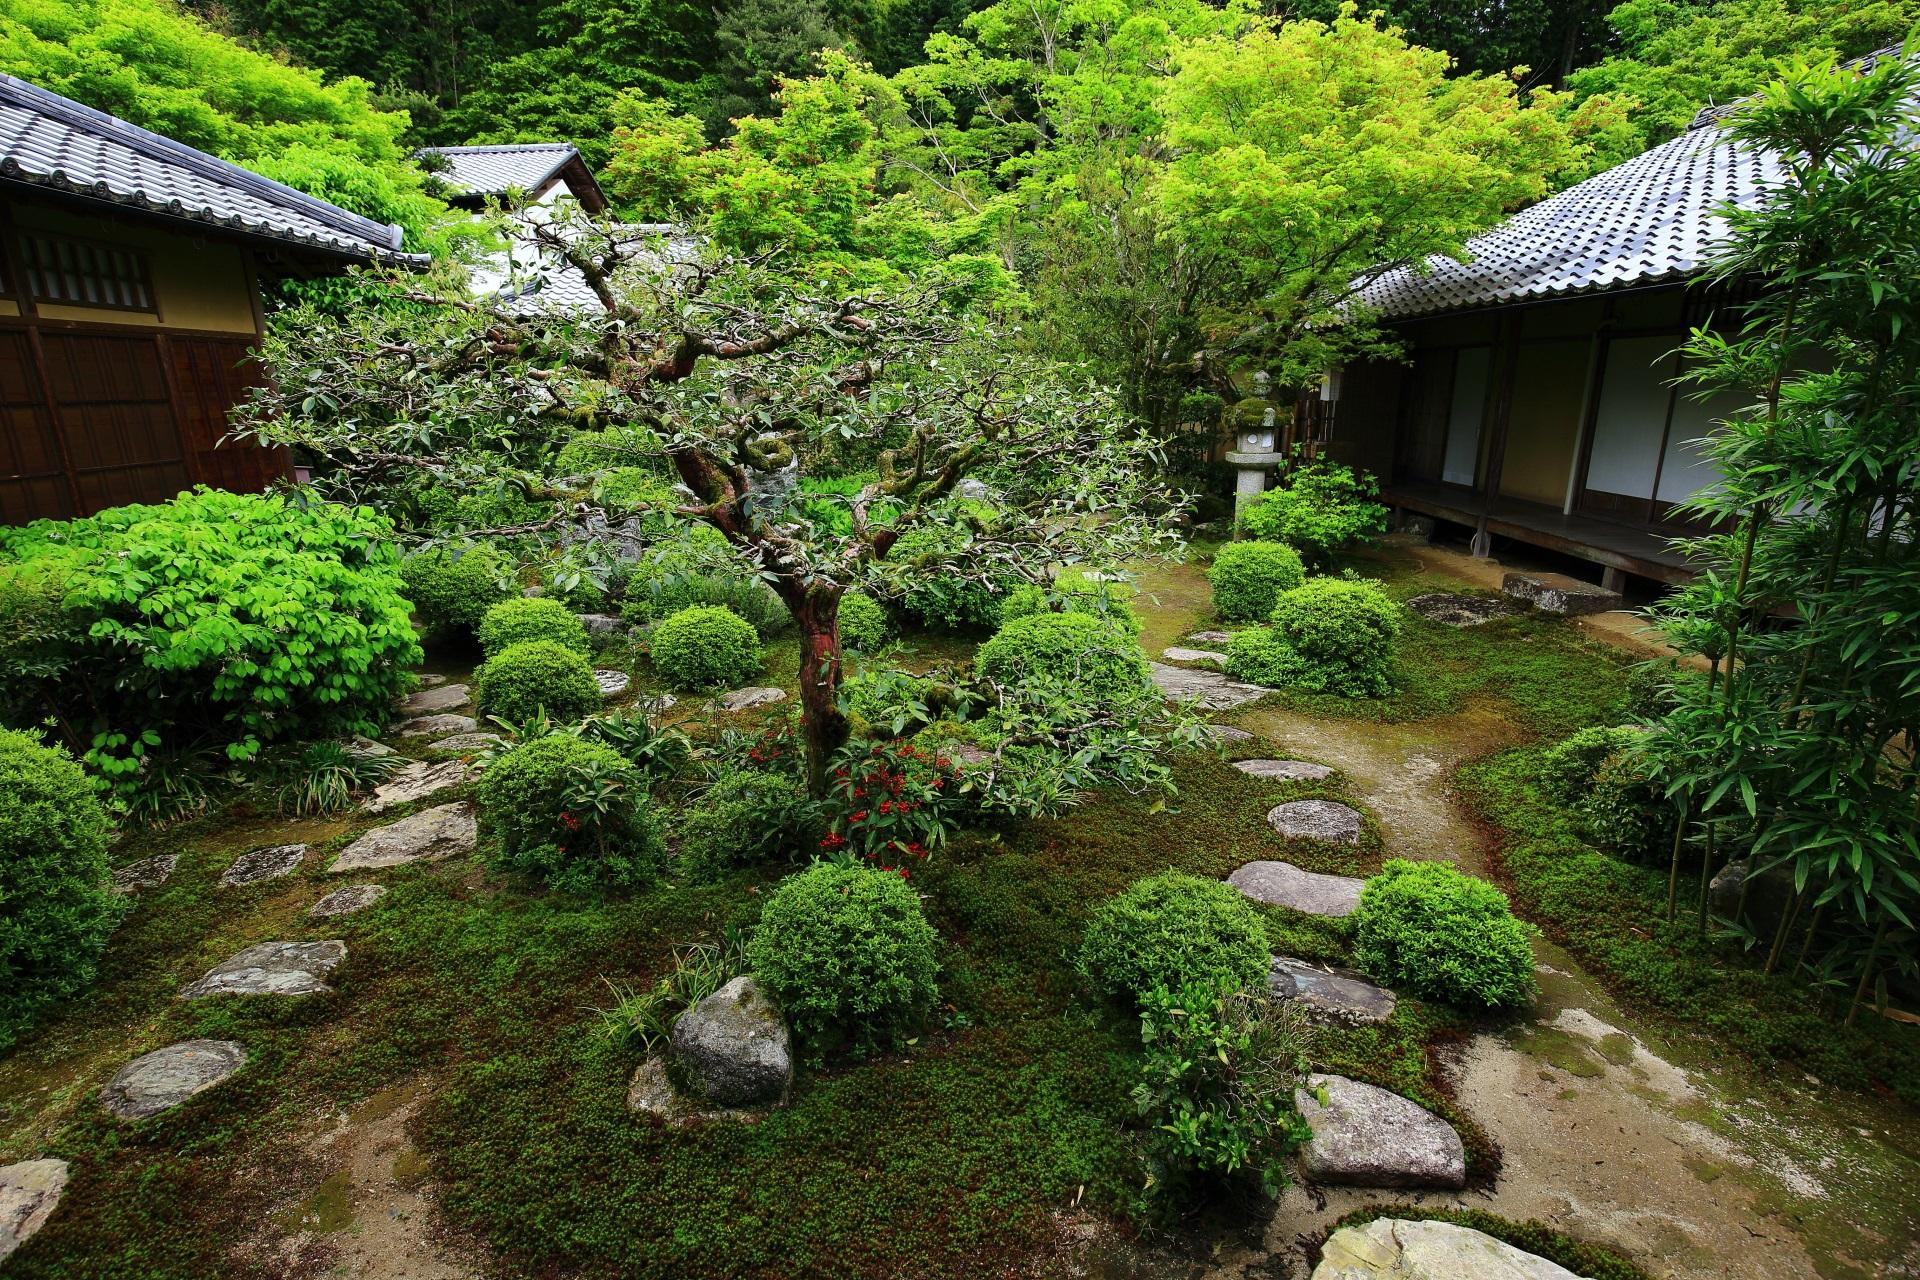 多種多様な植物が植えられる緑溢れる曼殊院の書院の中庭